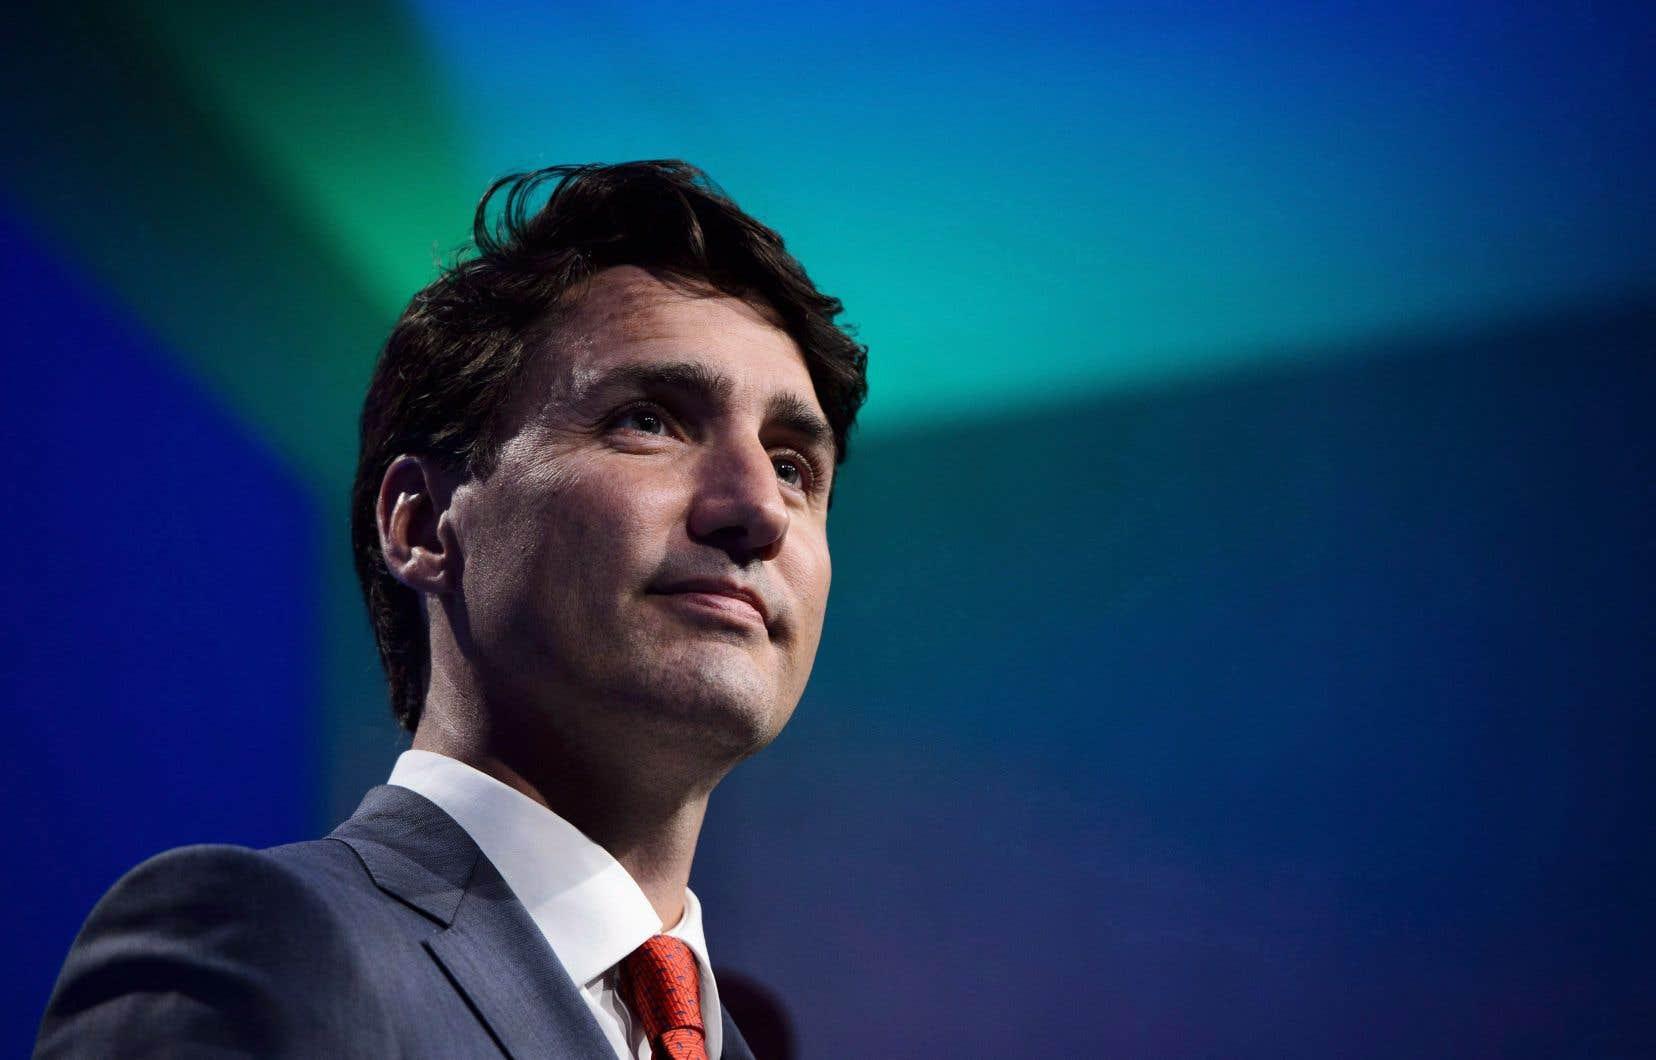 Le gouvernement Trudeau entamera bientôt sa troisième année de pouvoir sur un mandat de quatre ans, et il n'aura que peu d'occasions de remanier le cabinet d'ici les élections.